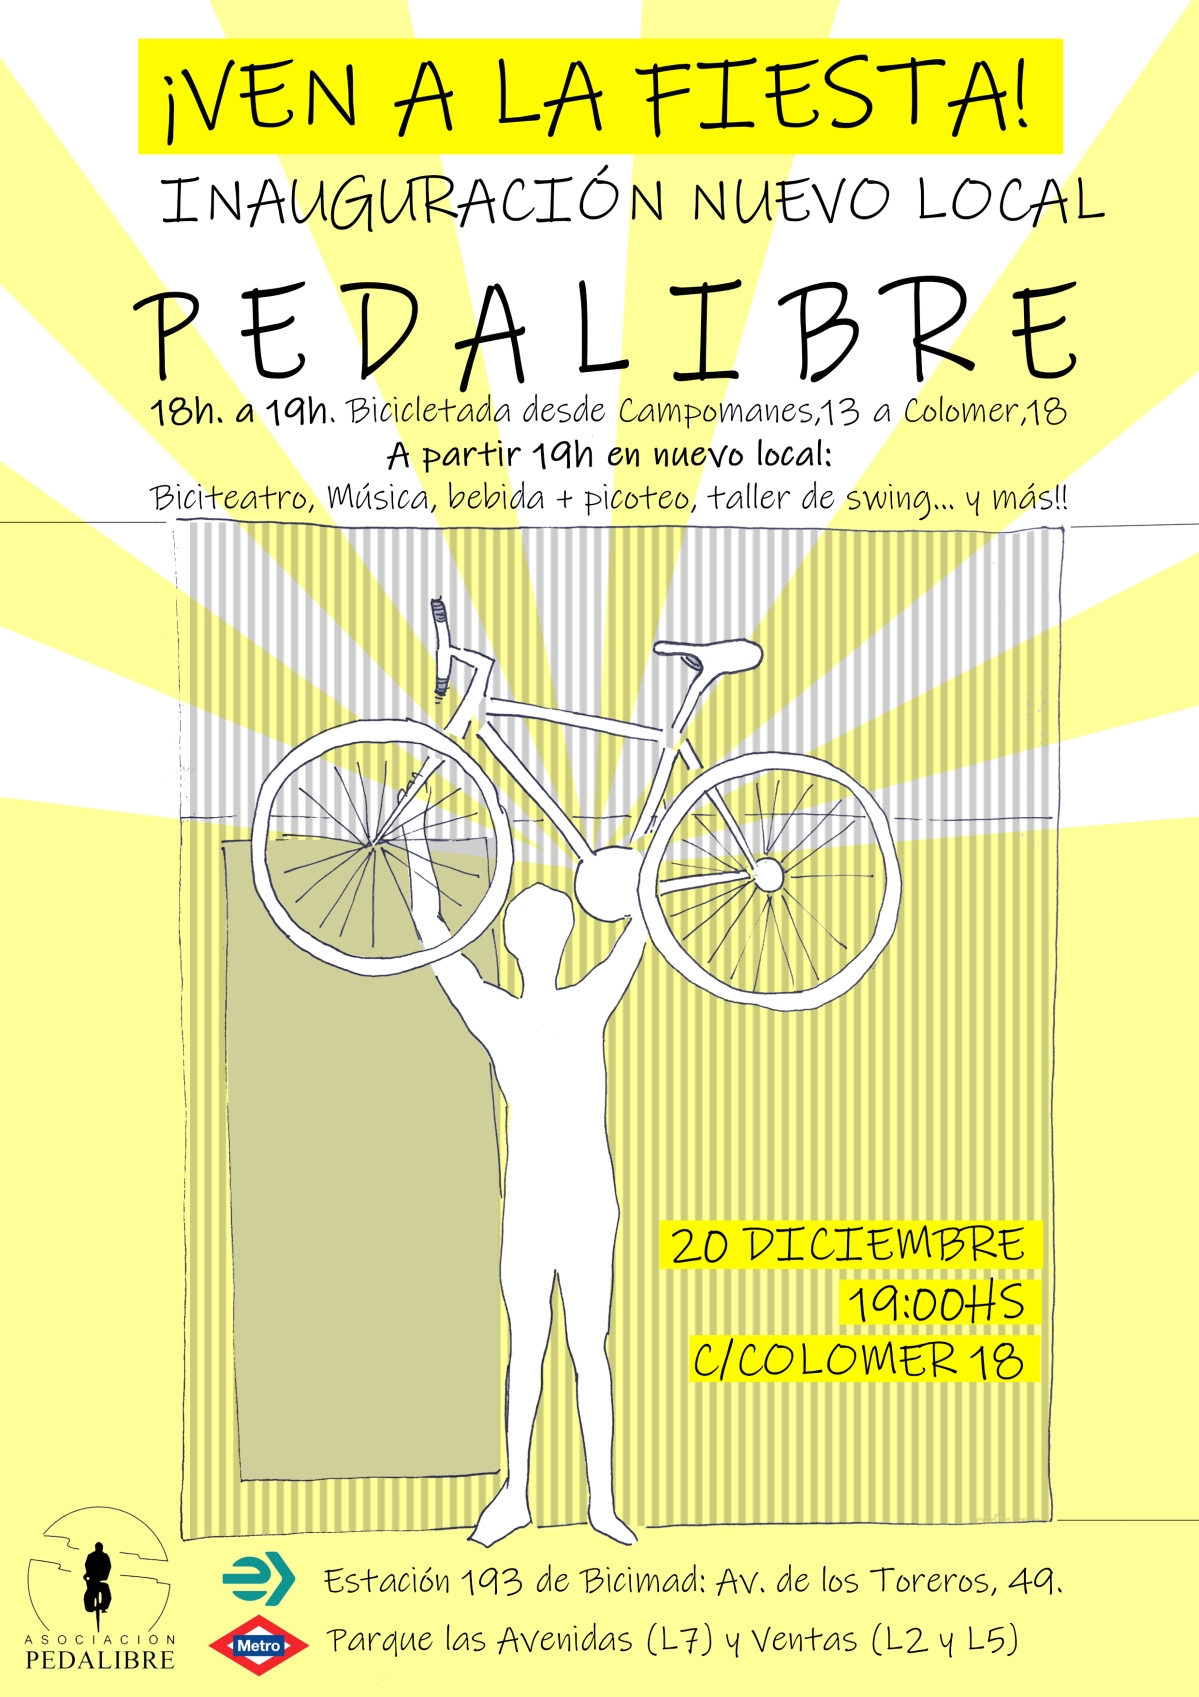 El próximo 20 de diciembre: Fiesta inauguración nueva sede dePedalibre